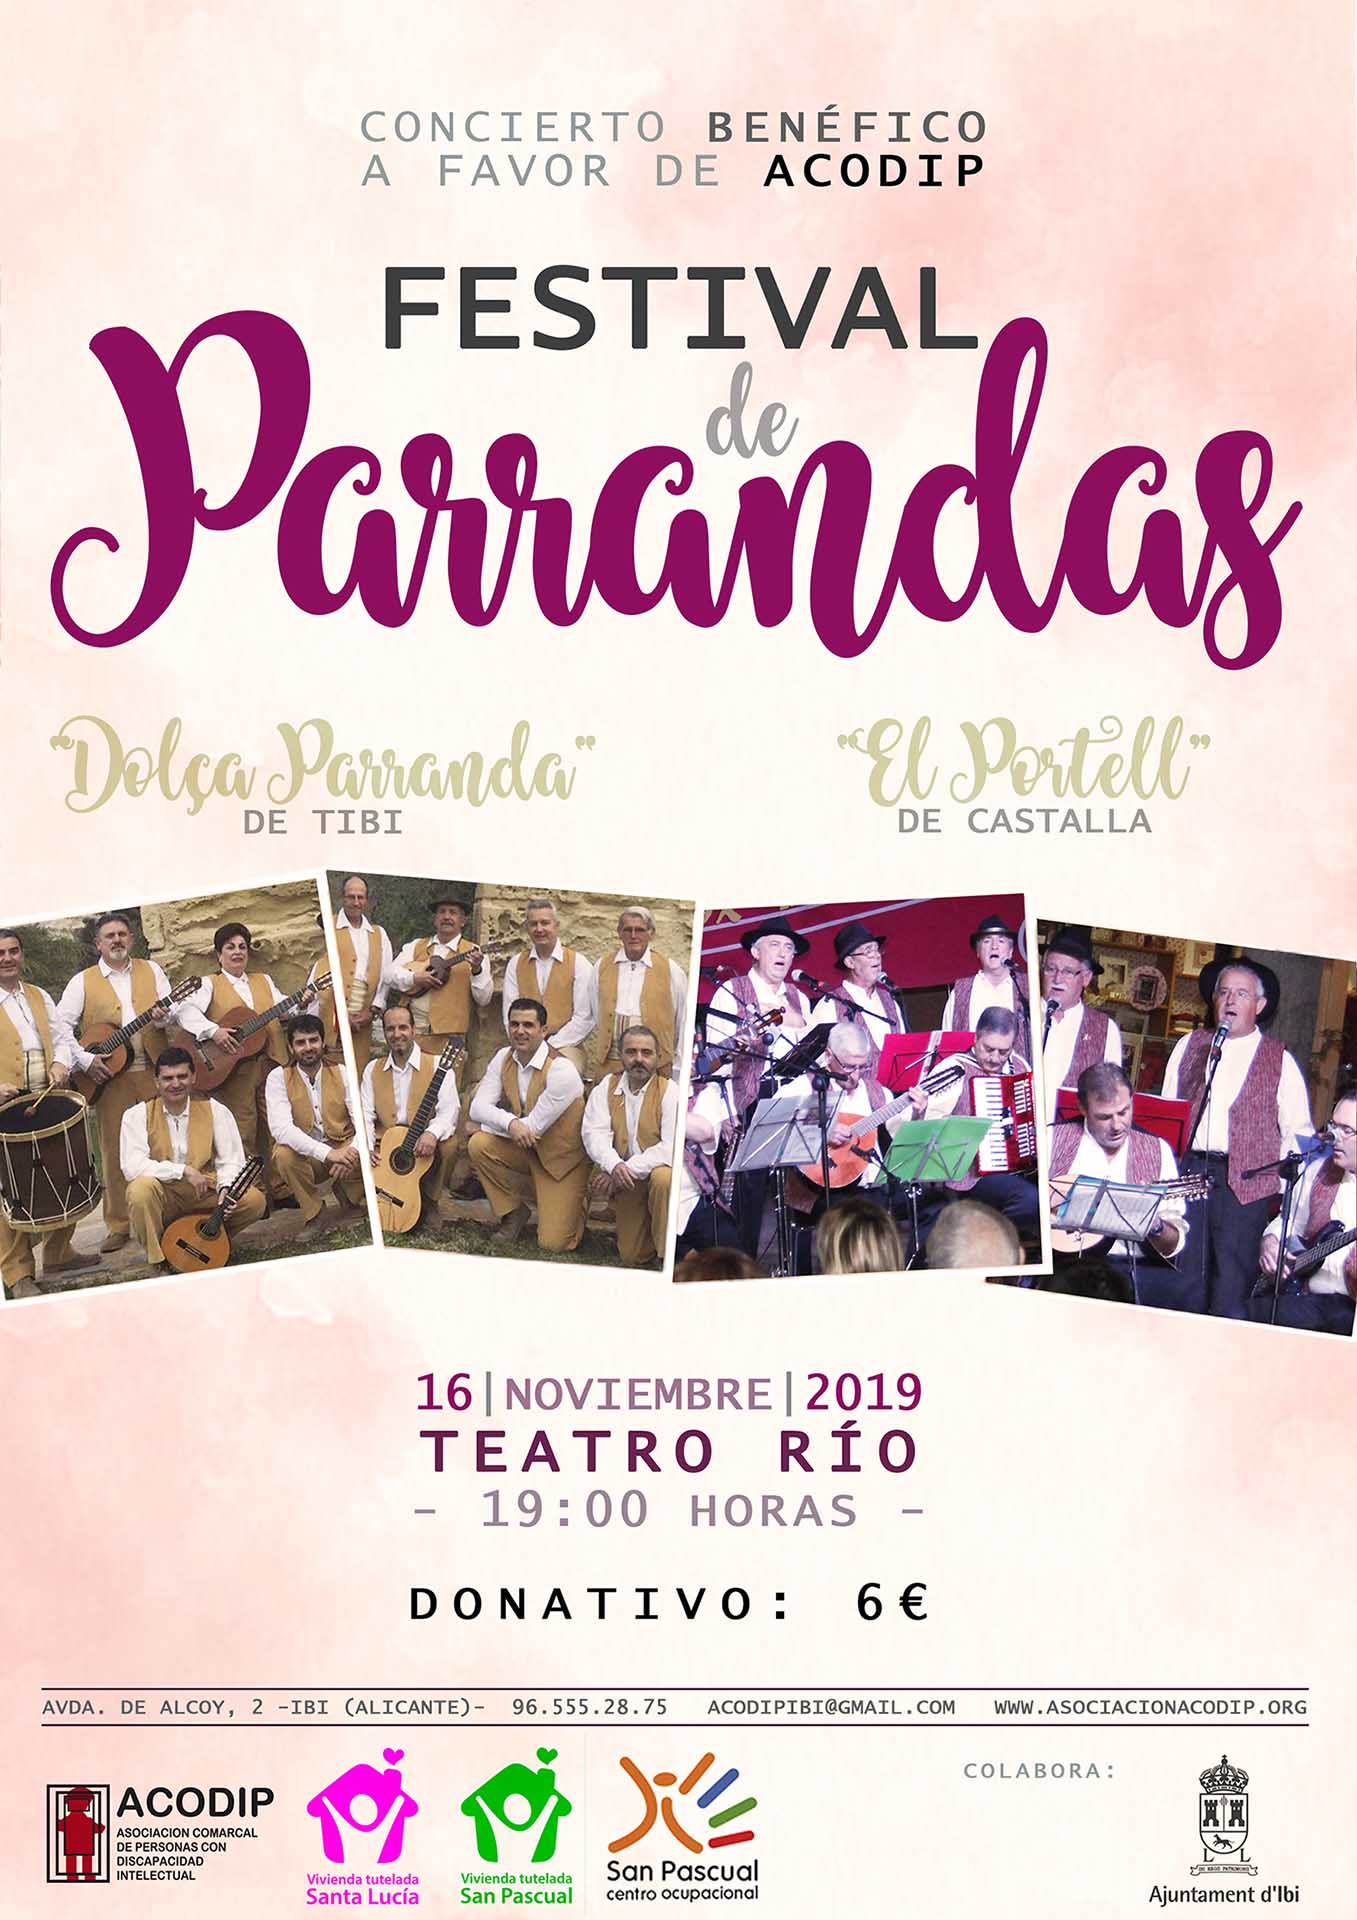 Festival de Parrandas – 16 noviembre 2019